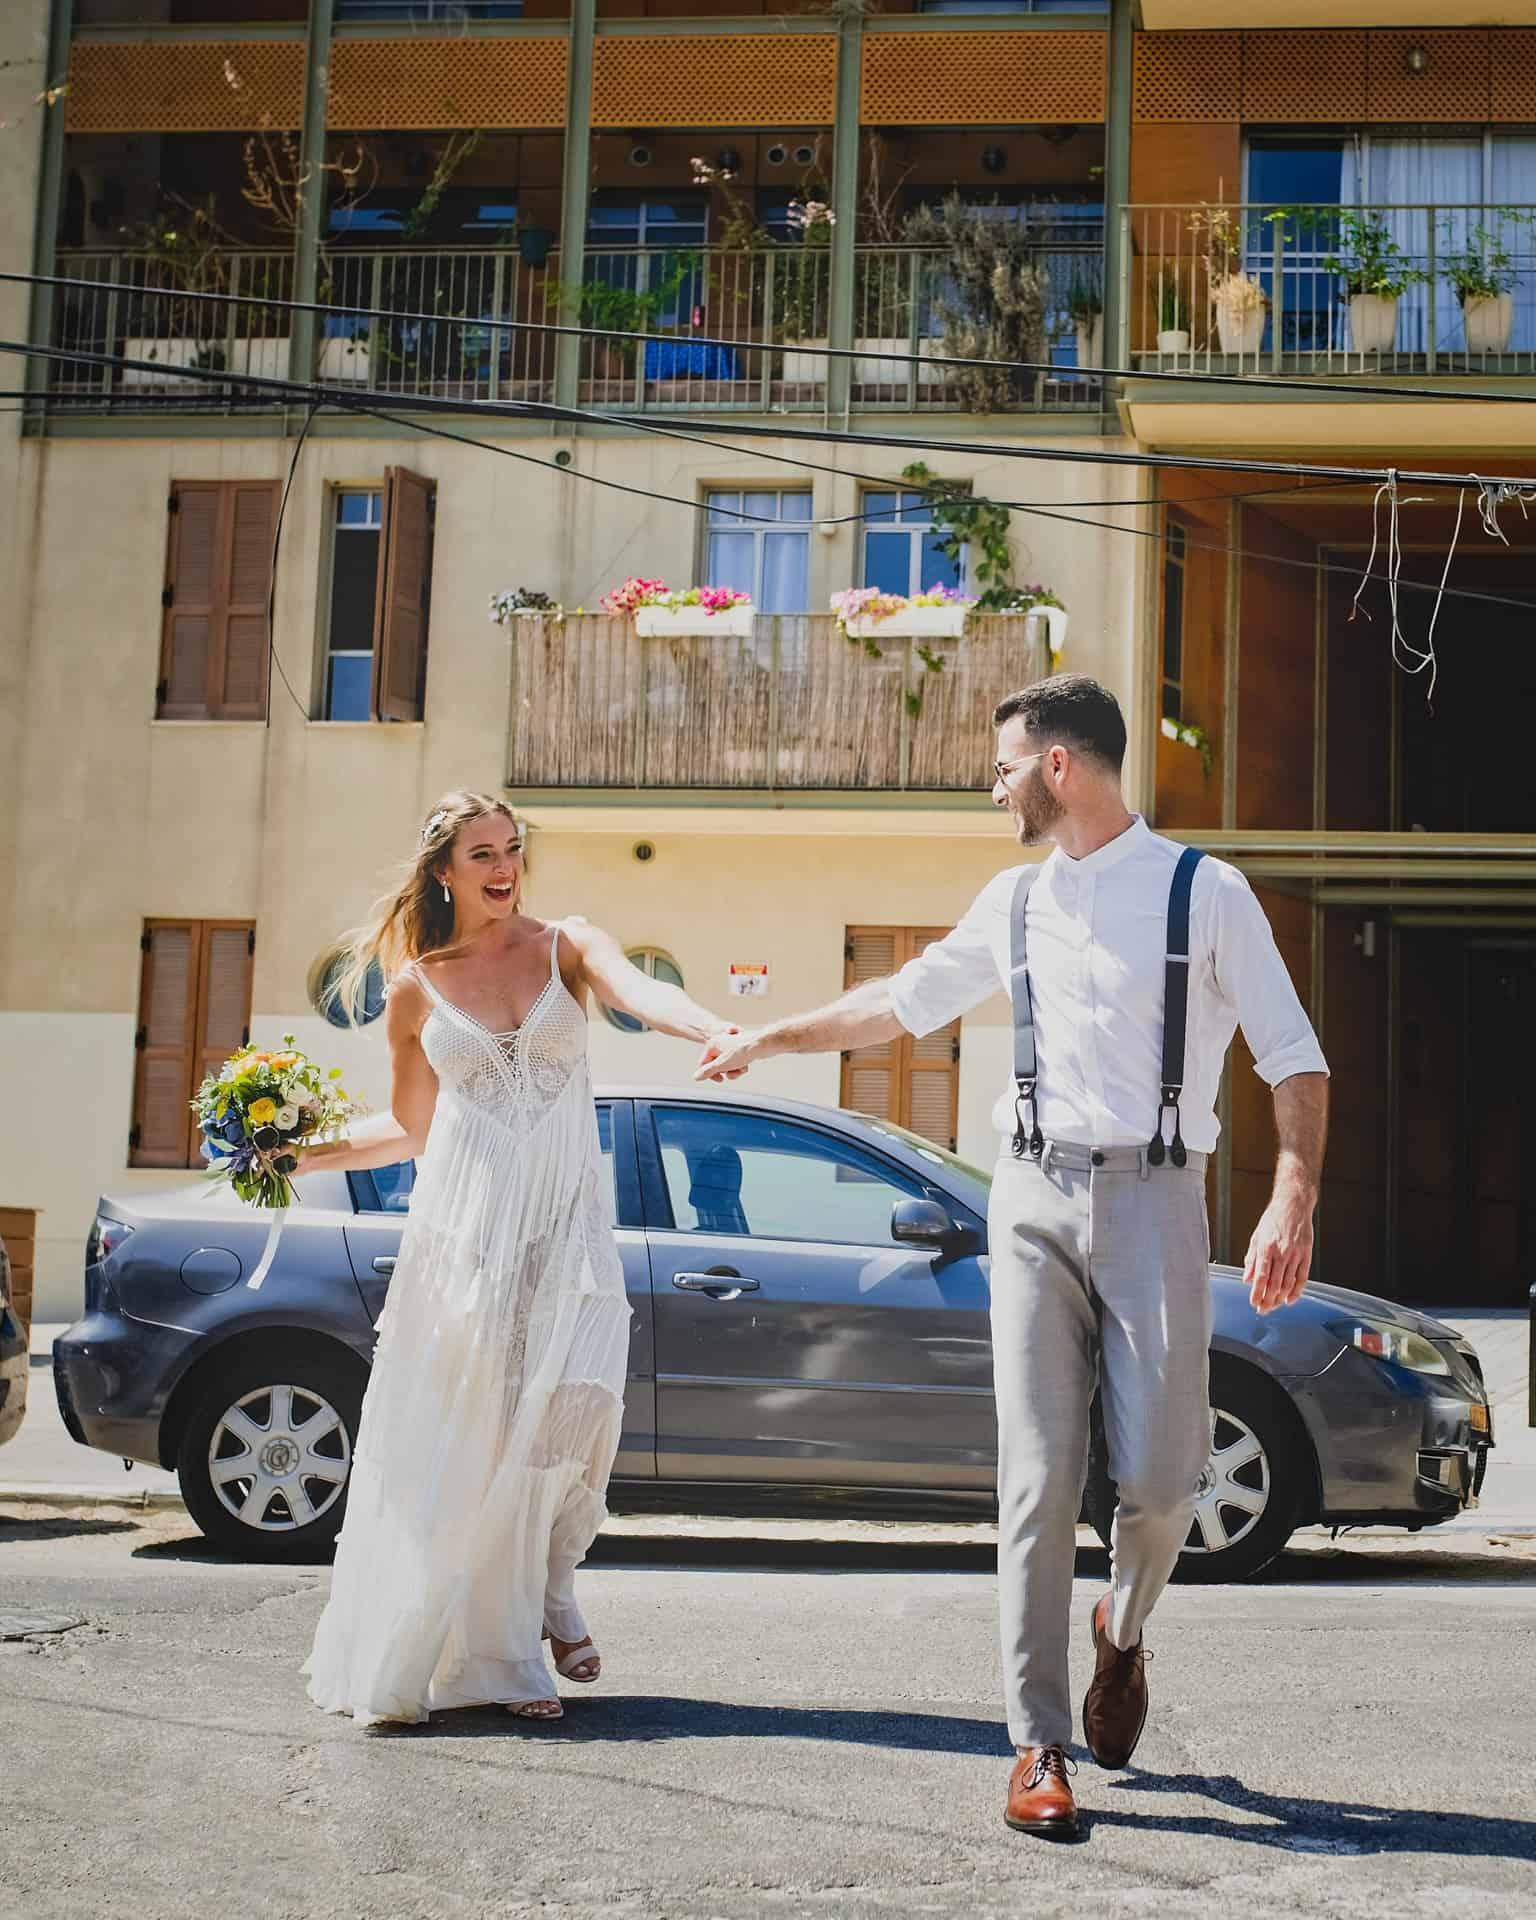 צילומי חתונה אורבניים